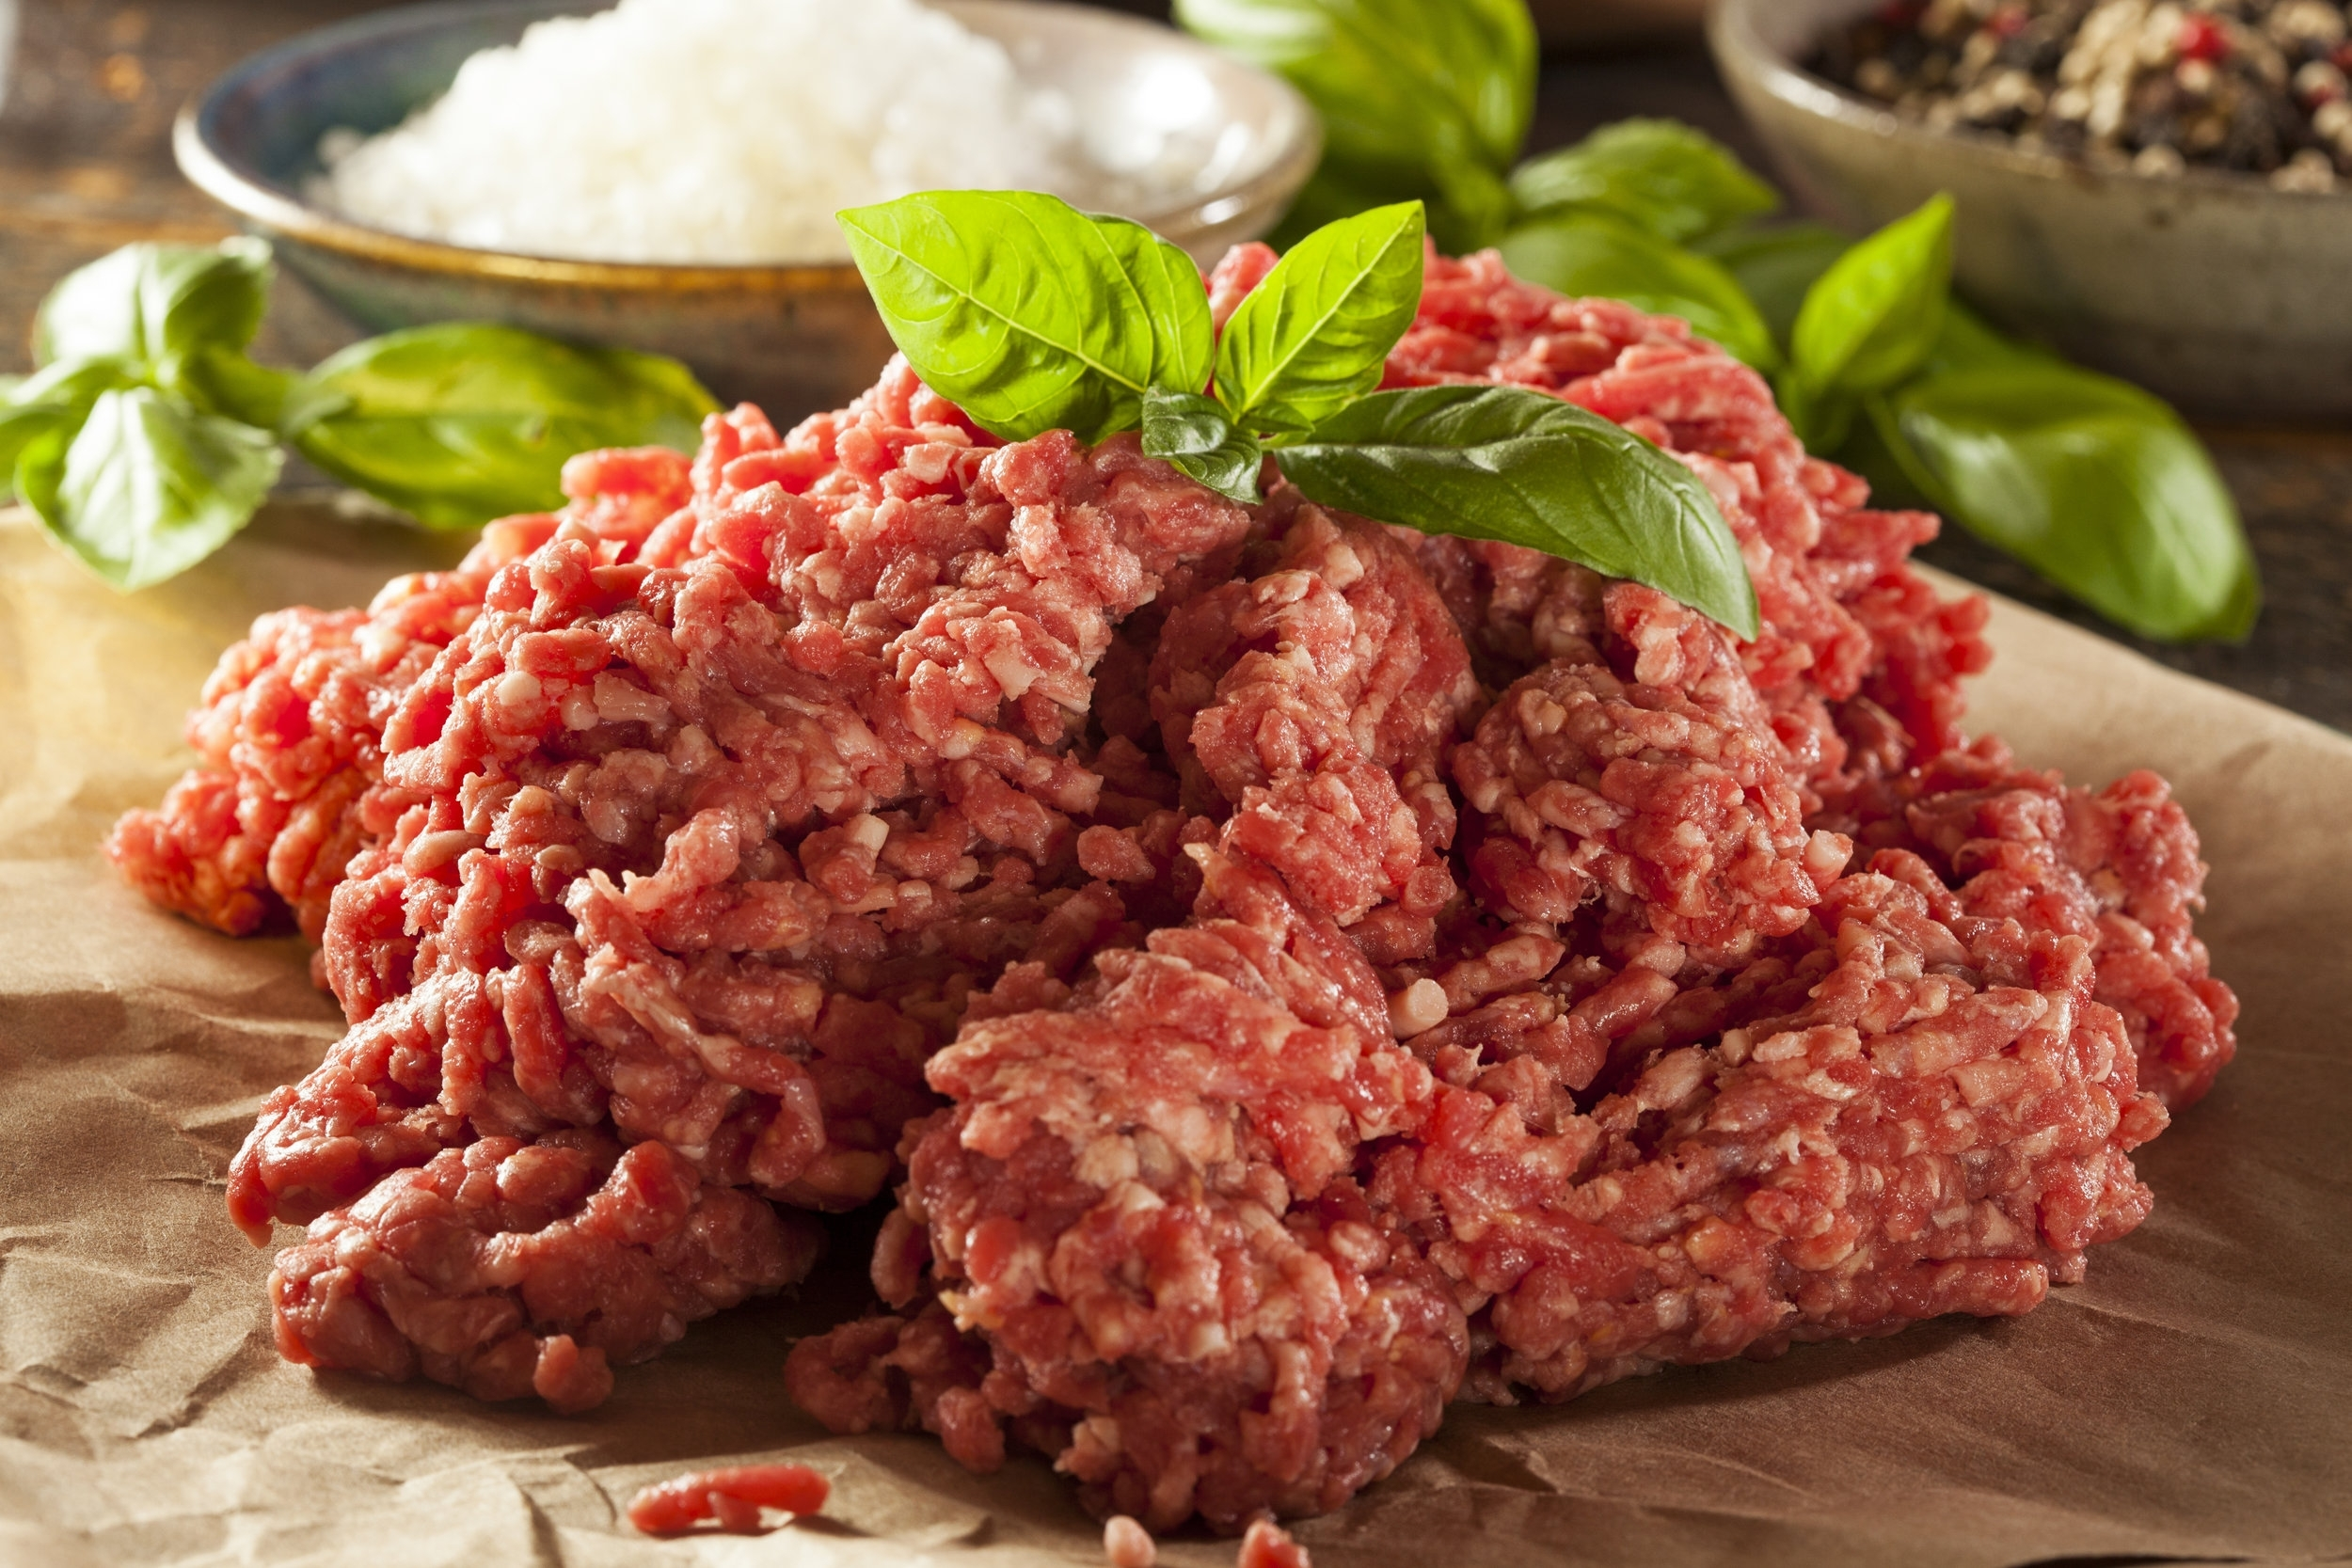 Tasty Lean Ground Beef